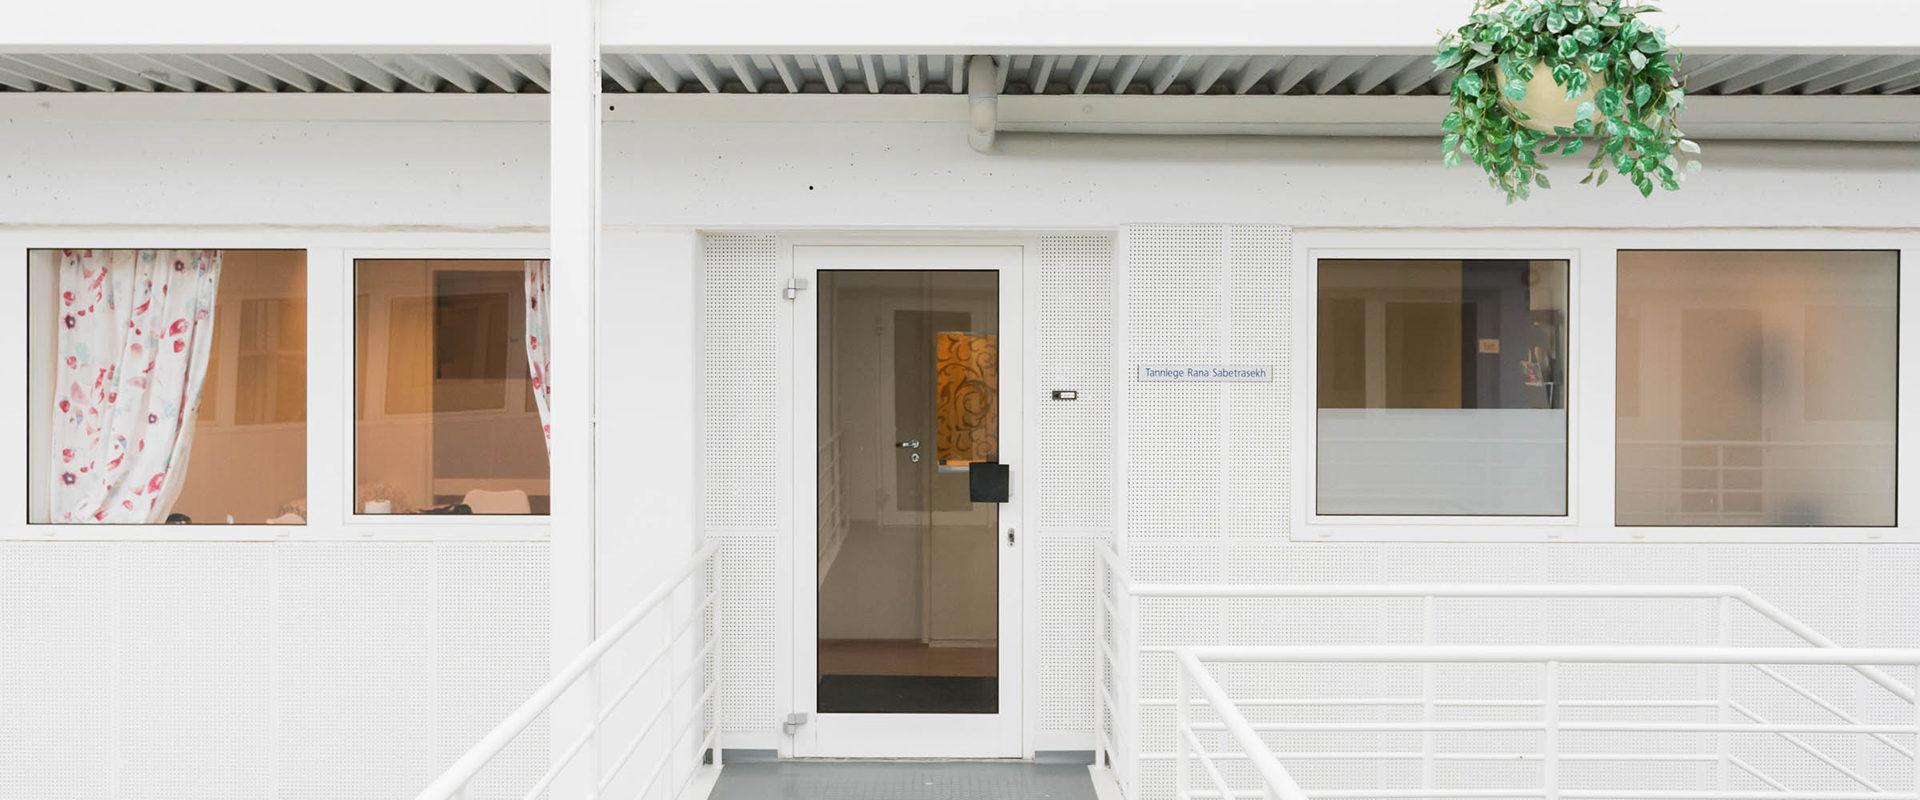 Inngangsdøren til tannlegeklinikken.